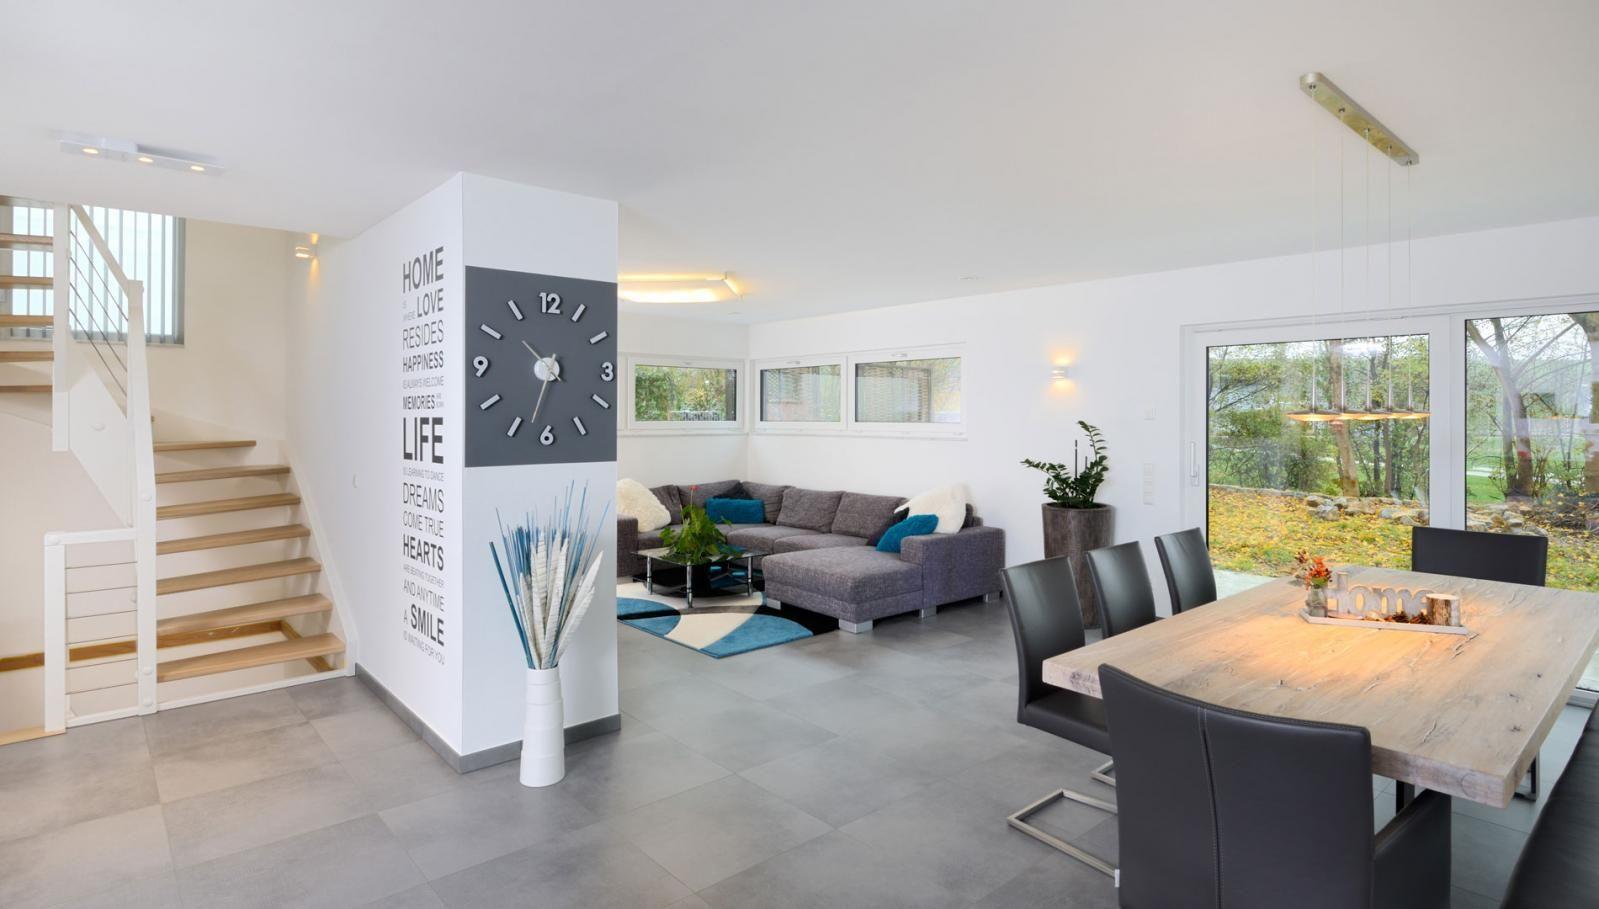 au en k hl und klassisch innen gem tlich und wohnlich. Black Bedroom Furniture Sets. Home Design Ideas